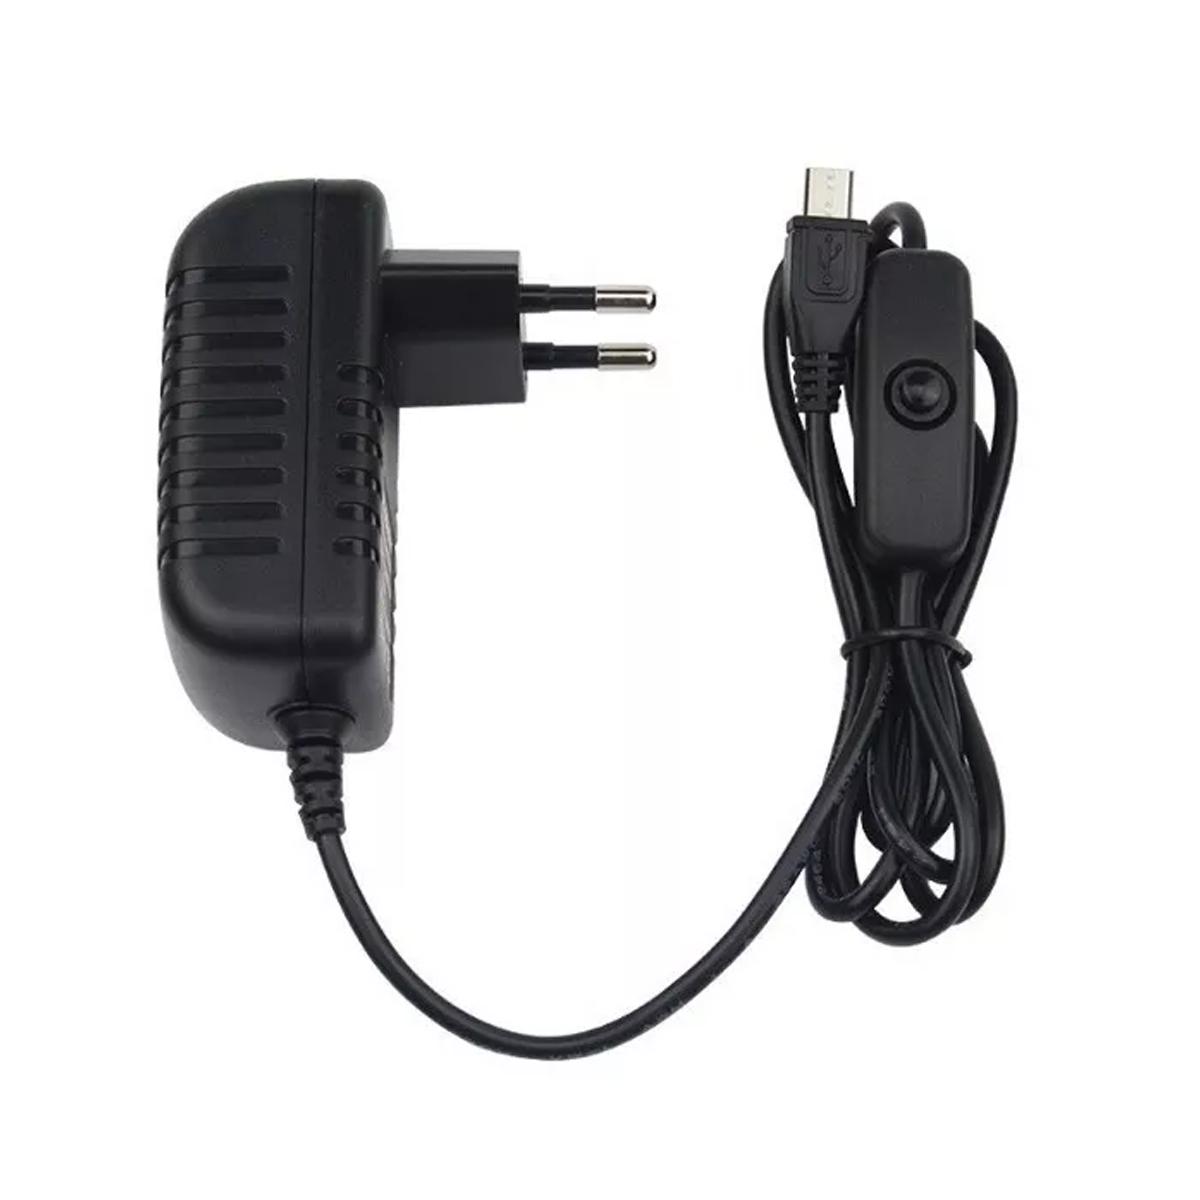 Fonte Raspberry Pi 3 DC Chaveada 5v 3A Bivolt Plug Micro USB com Botão Liga / Desliga